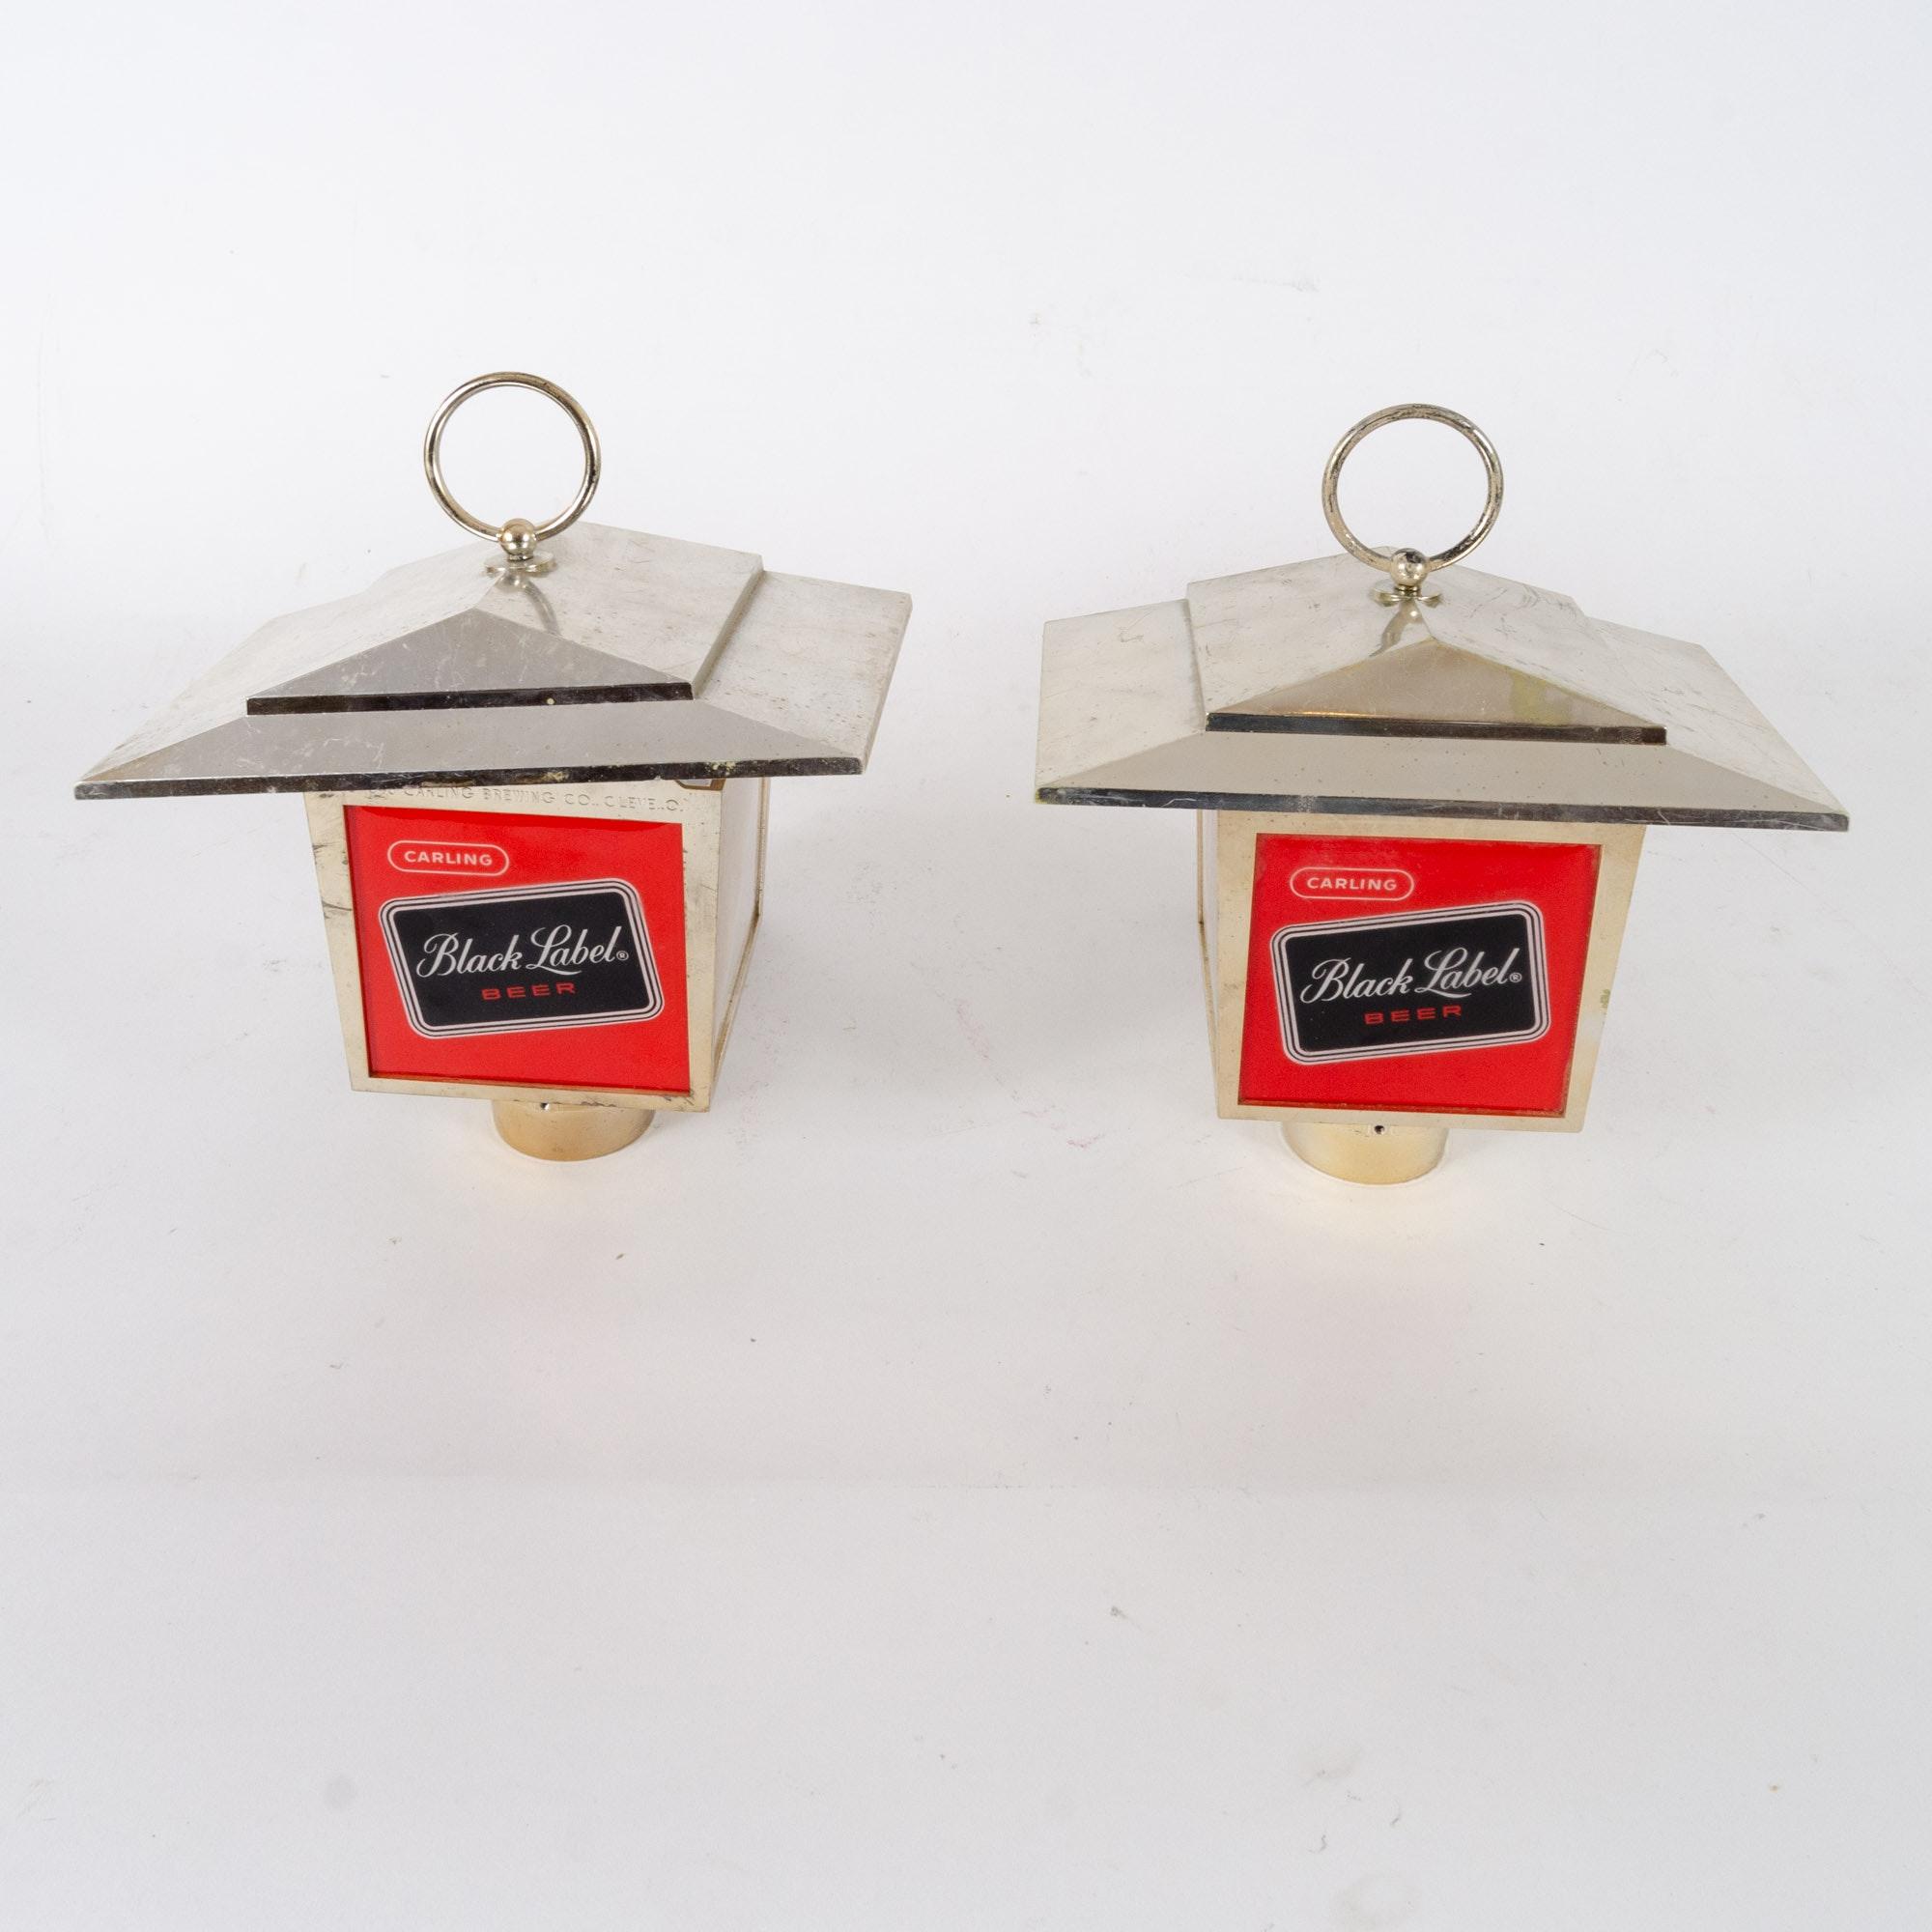 Vintage Carling Black Label Beer Lanterns